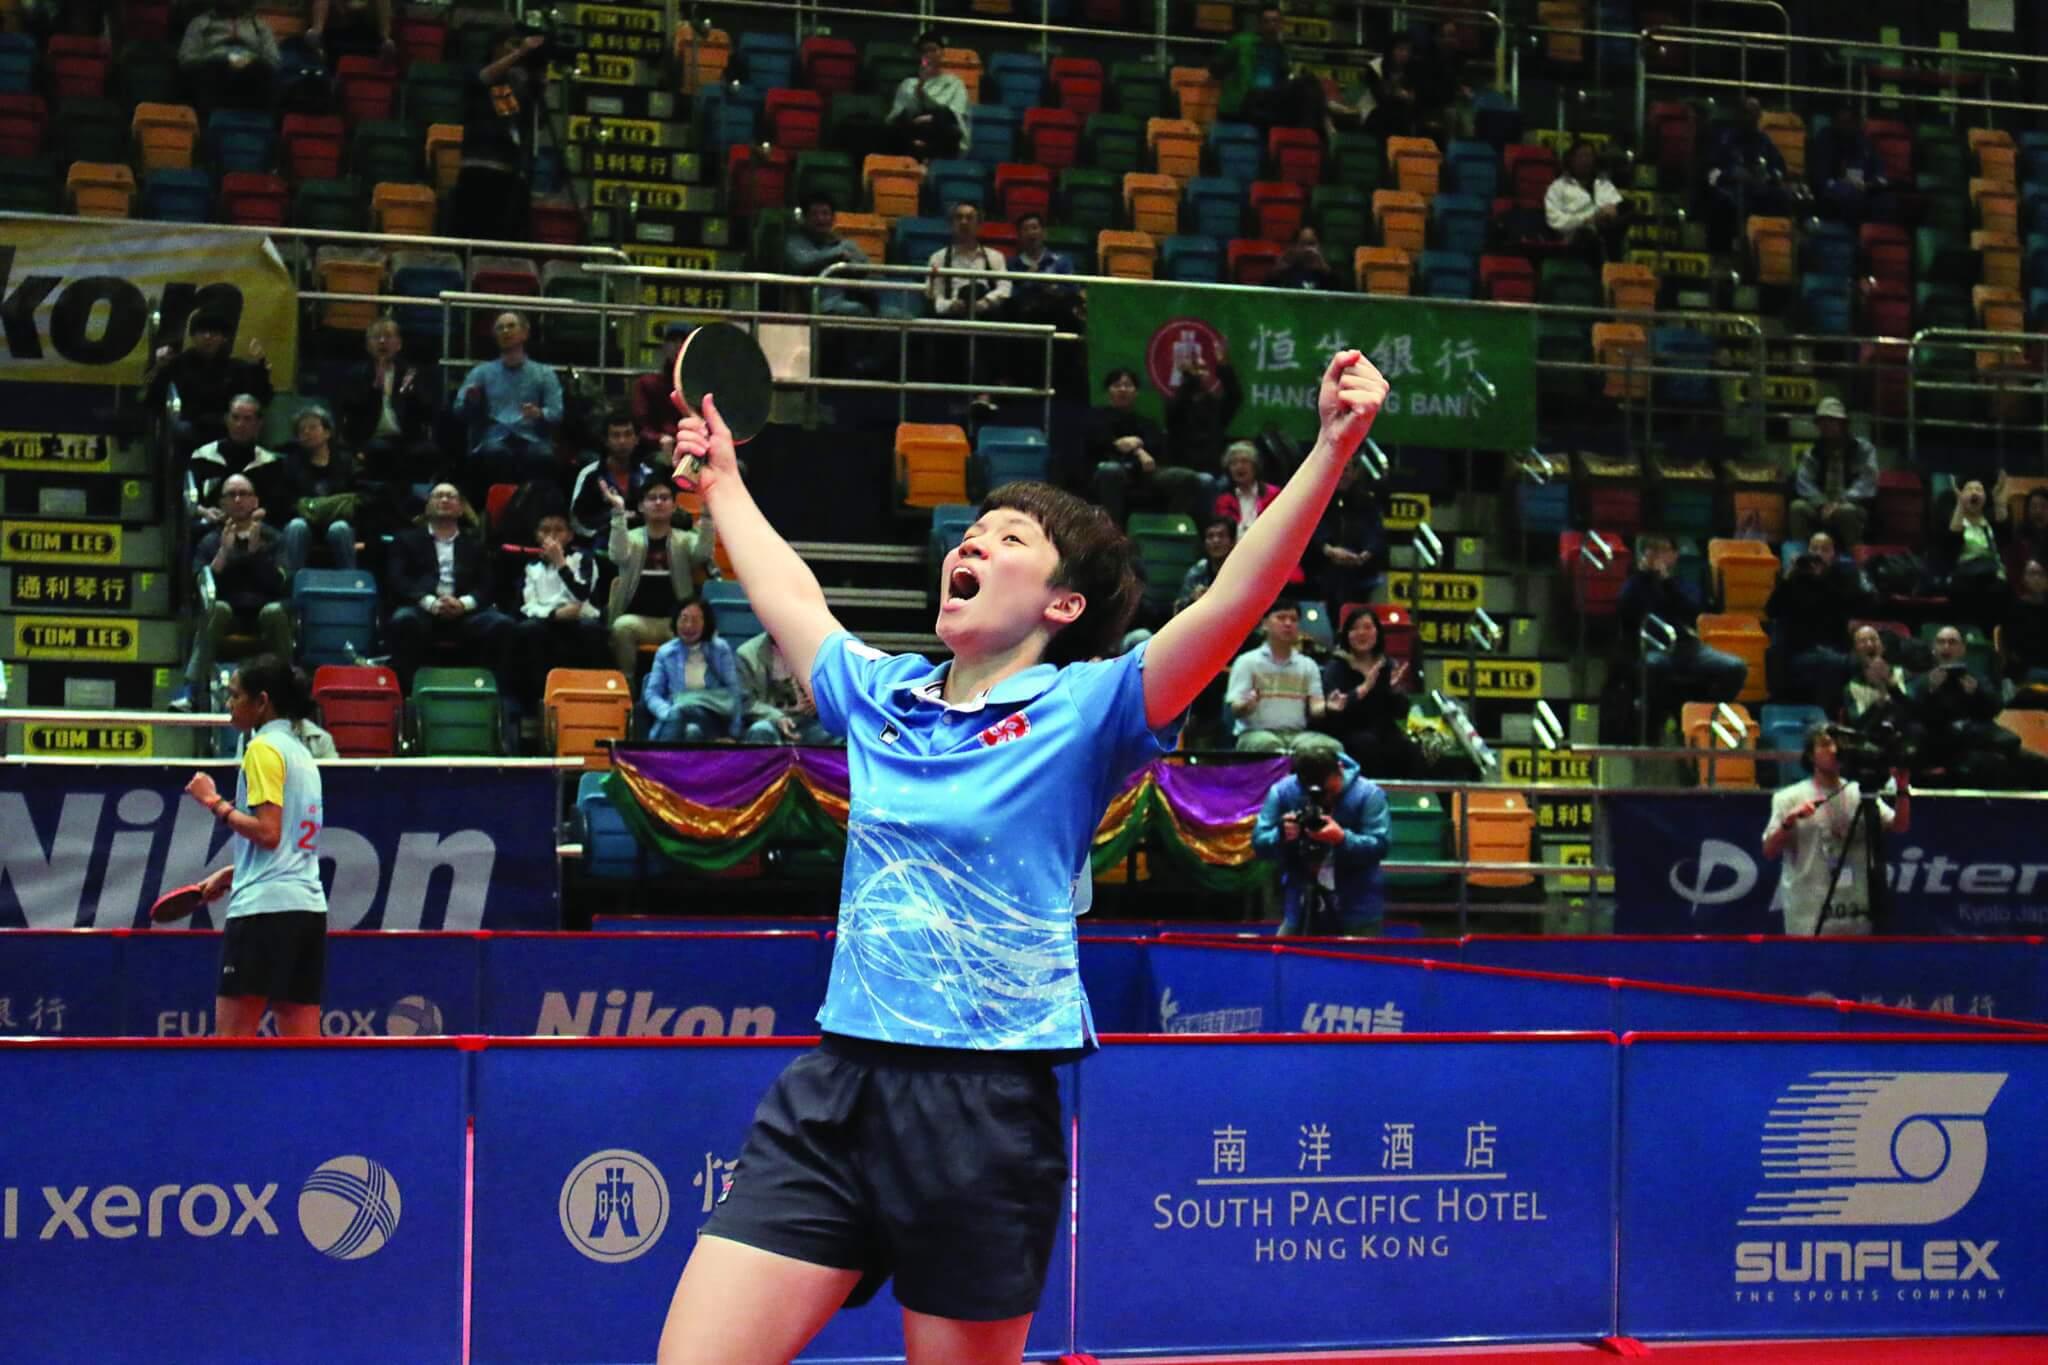 凱琹在國際賽中打出好成績,世界排名不斷上升。